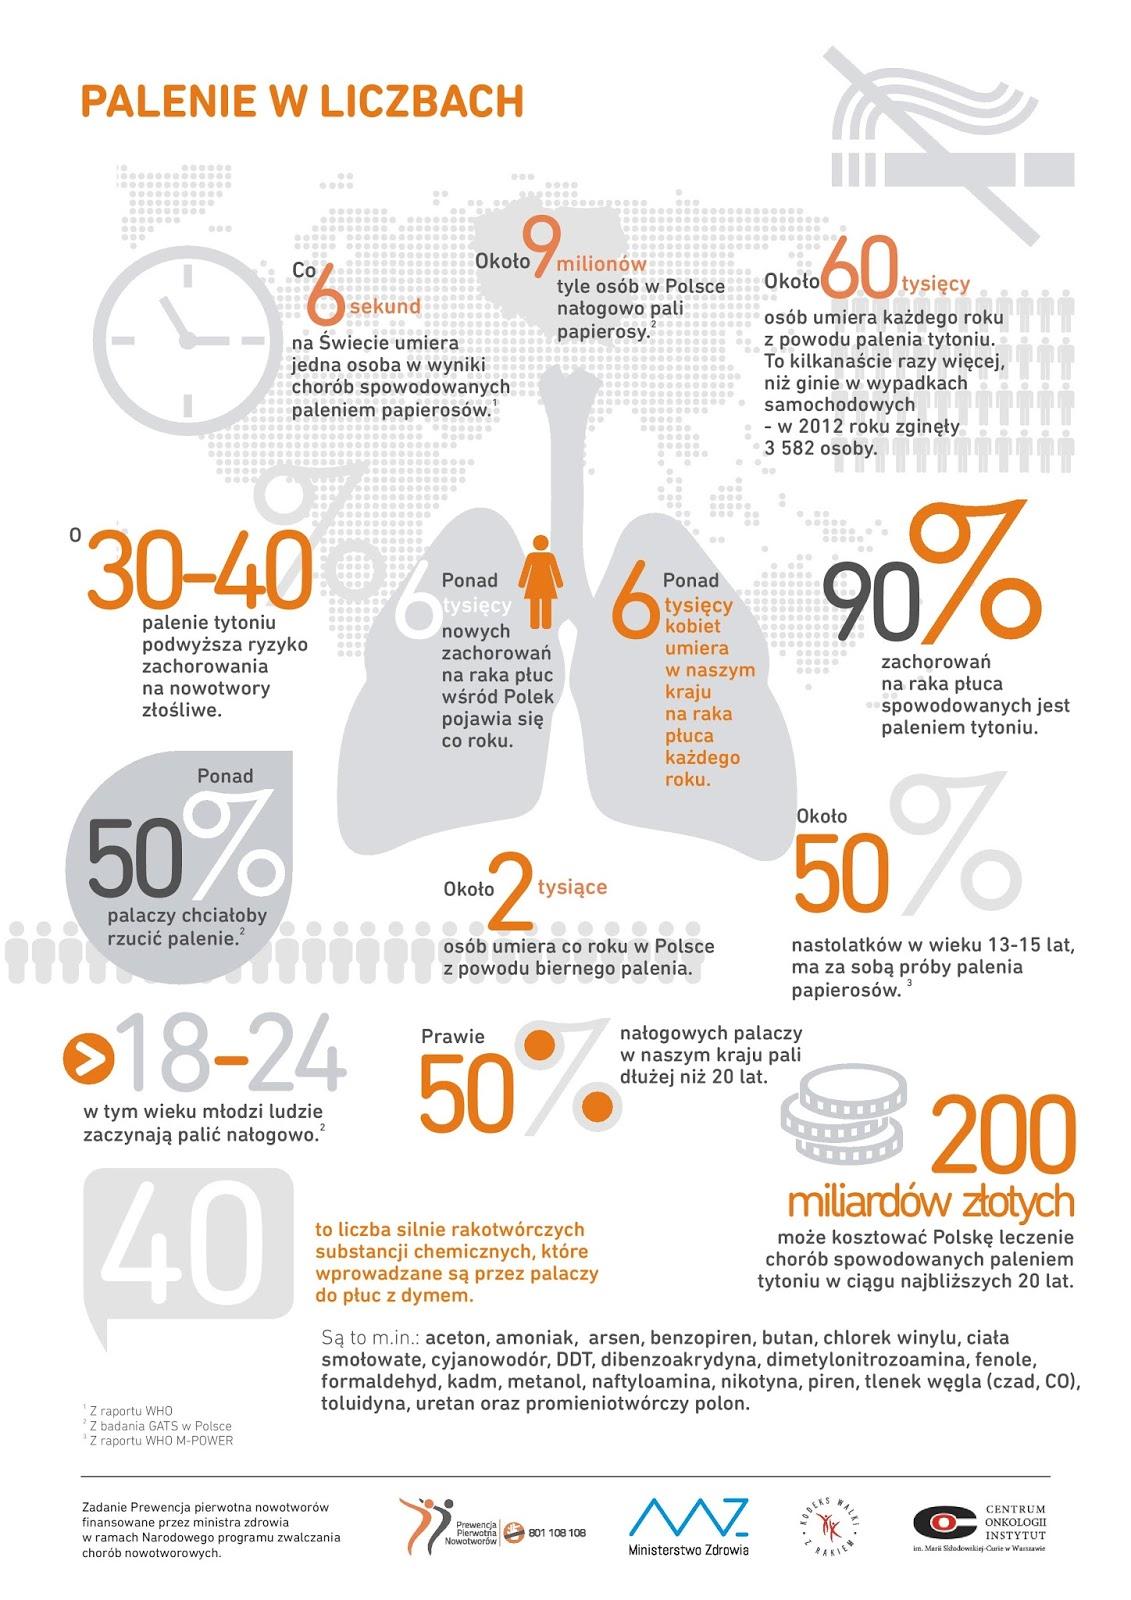 Infografika :: Palenie w liczbach